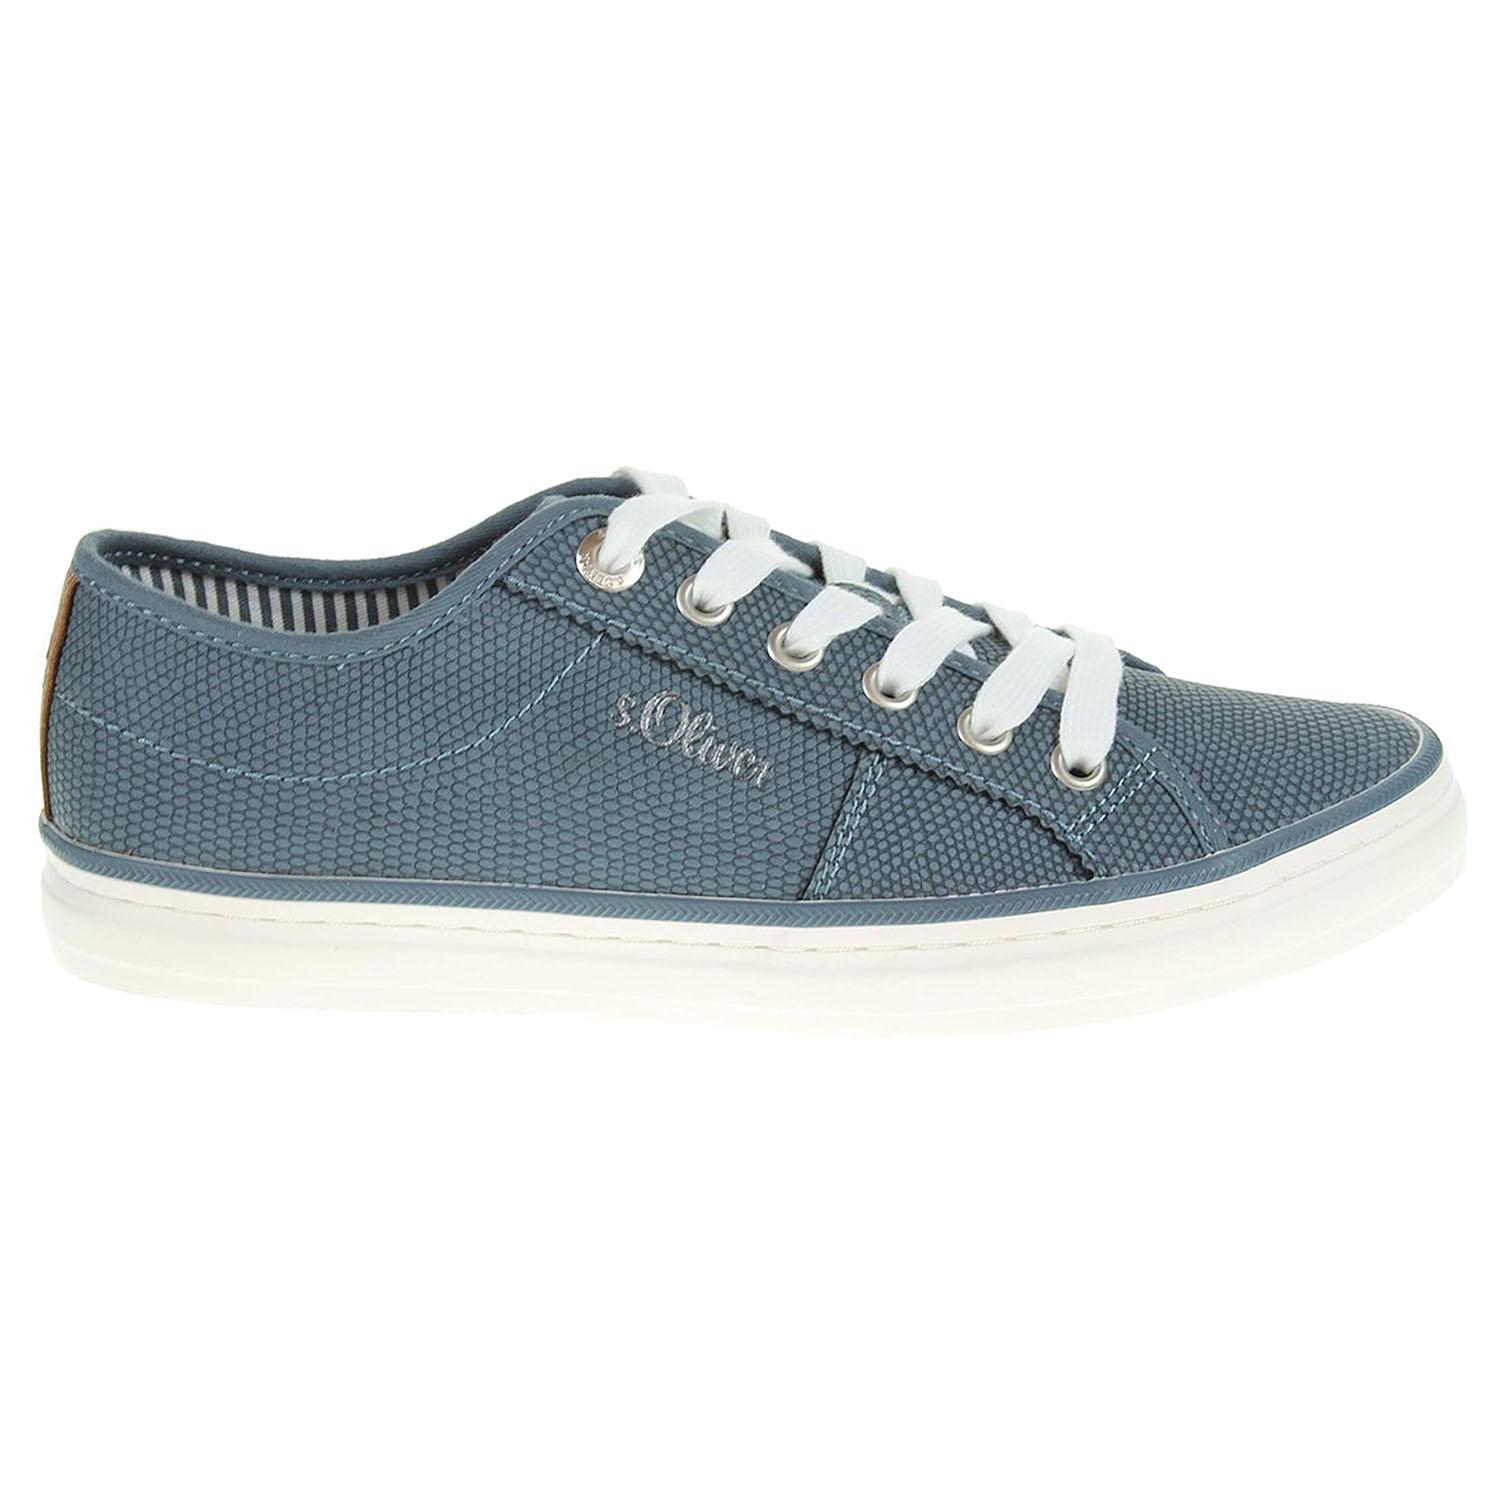 s.Oliver dámská obuv 5-23640-28 modrá 37